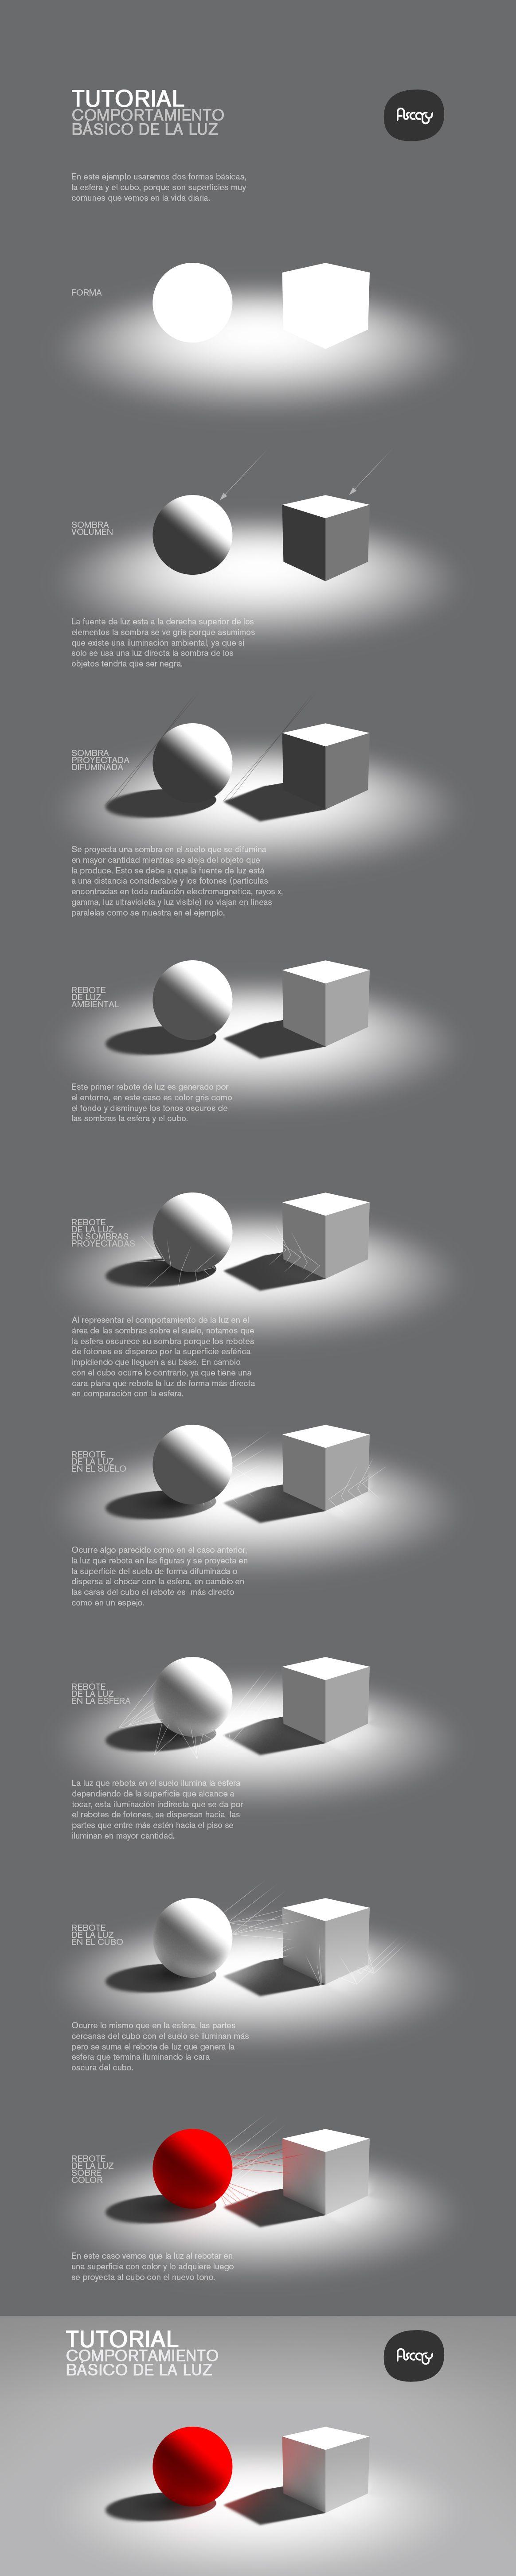 Tutorial Basico De Luz By Hikaruga On Deviantart Luz Y Sombra Dibujo Tutoriales De Dibujo Disenos De Unas